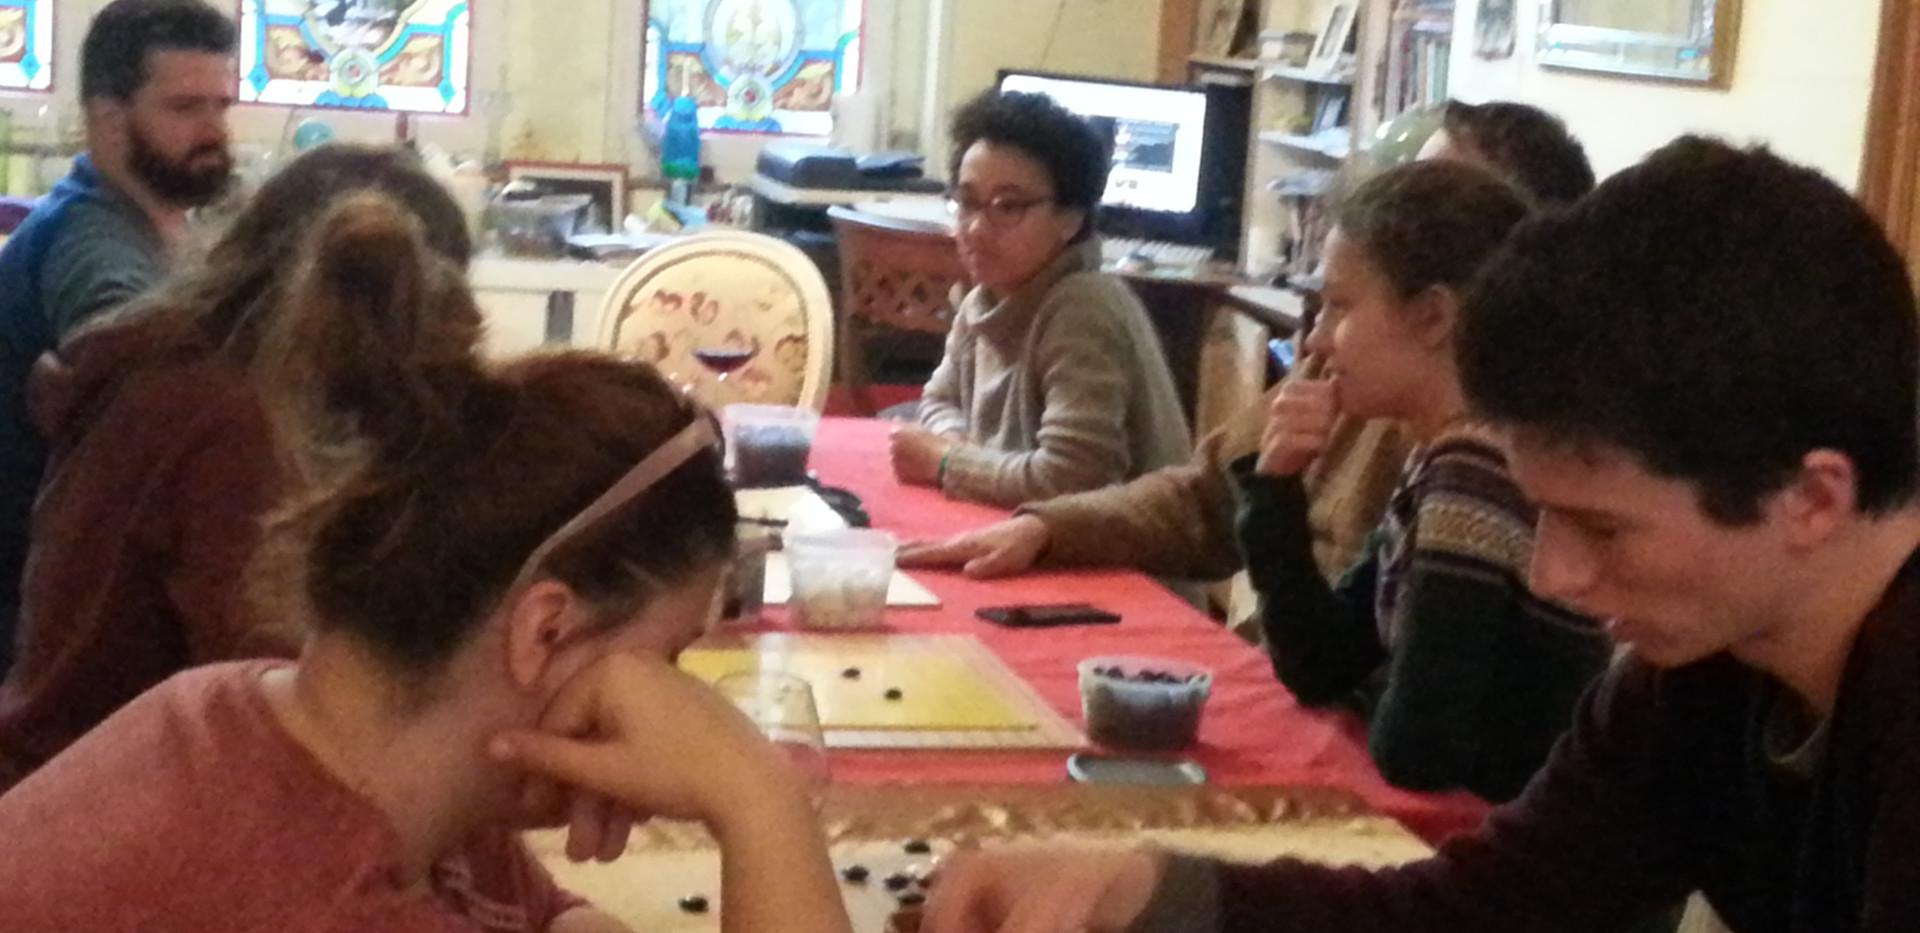 Atelier de baduk (jeu de go) avec le club le Kitani